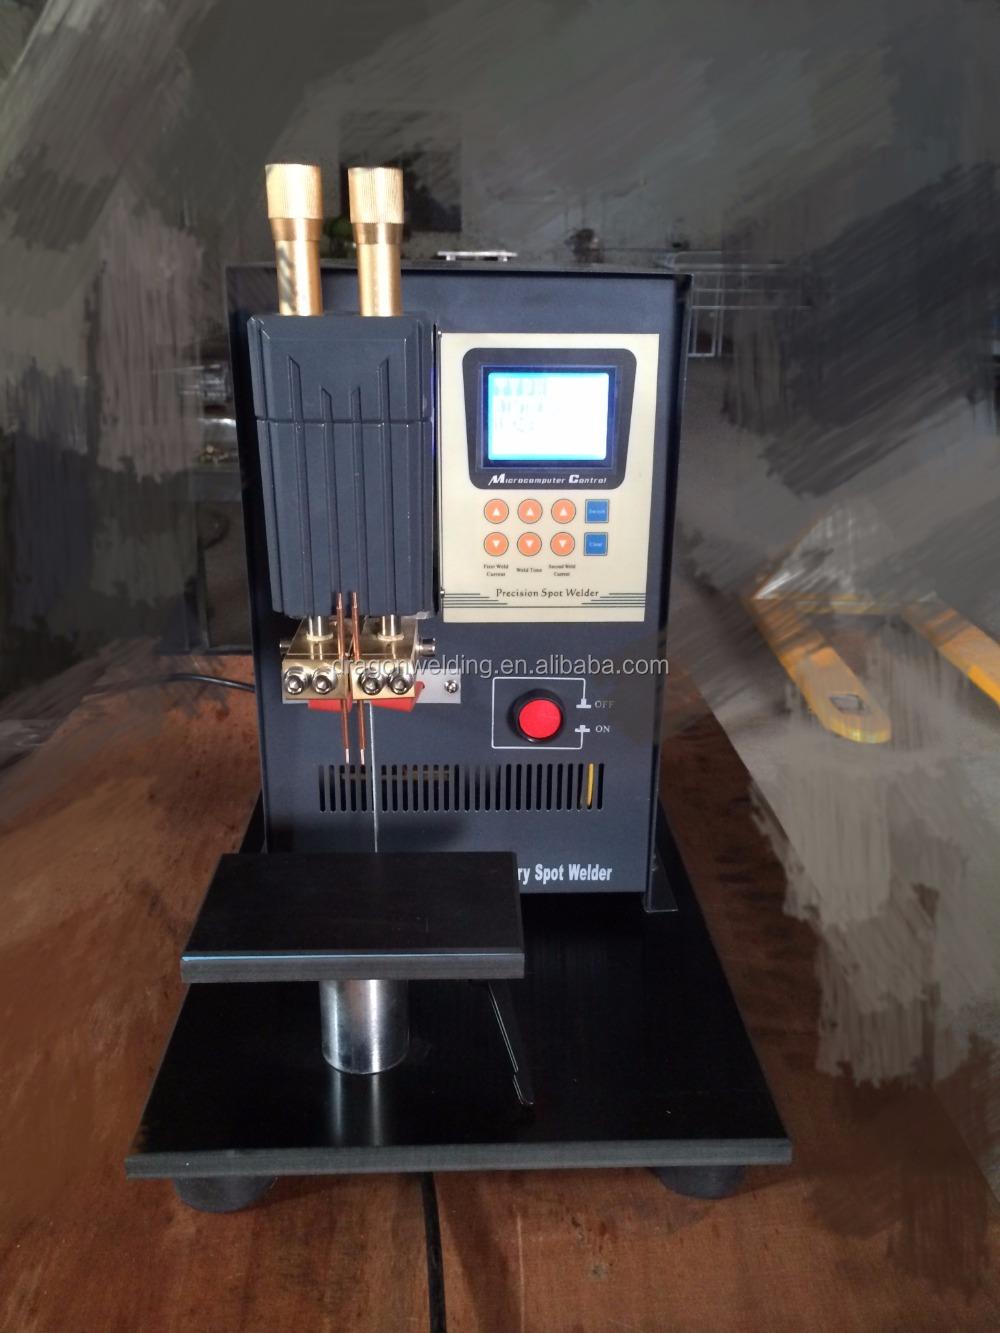 Dpm 10k Battery Cell Spot Welder Welding Machine Wiring Diagram Main Applications